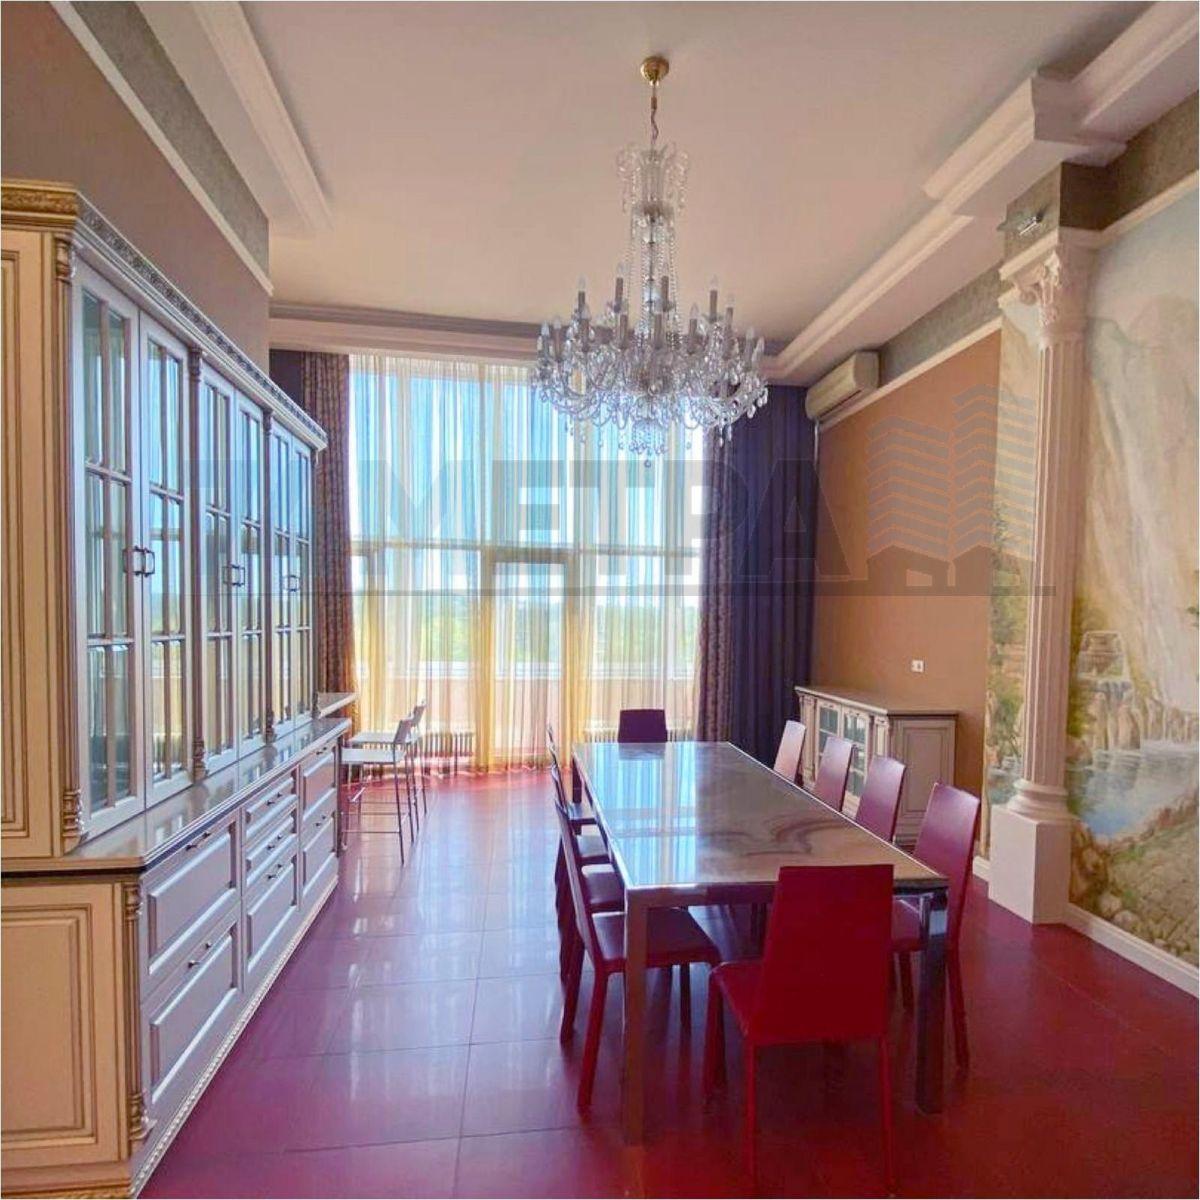 75 000 ₽, 2 - комнатная квартира, площадь 120 м², этаж 7/7